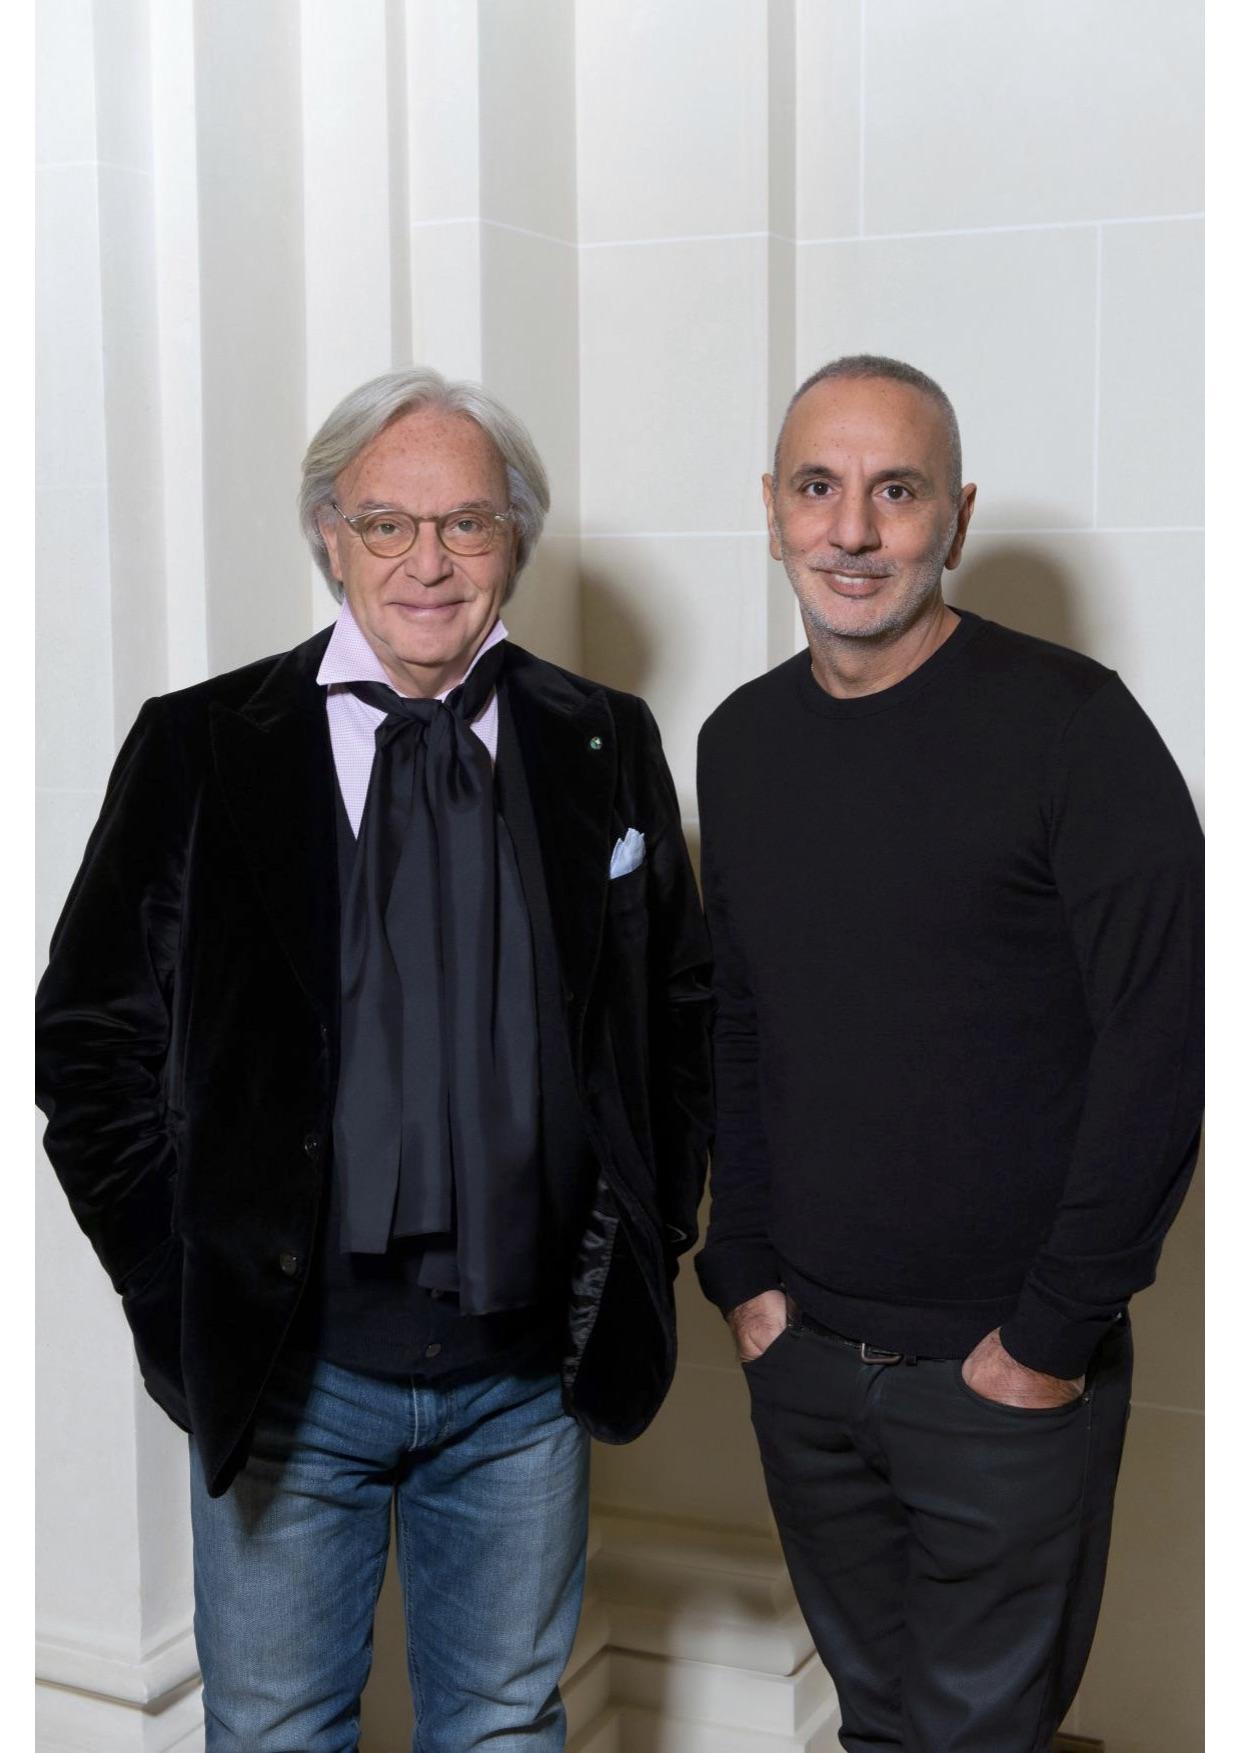 Diego Della Valle and Alessandro Dell'Acqua